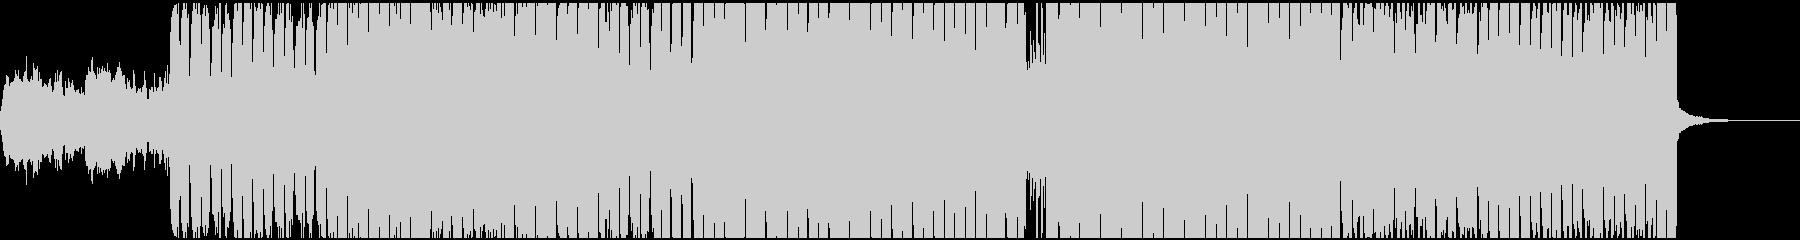 シリアスなヒップホップBGMの未再生の波形